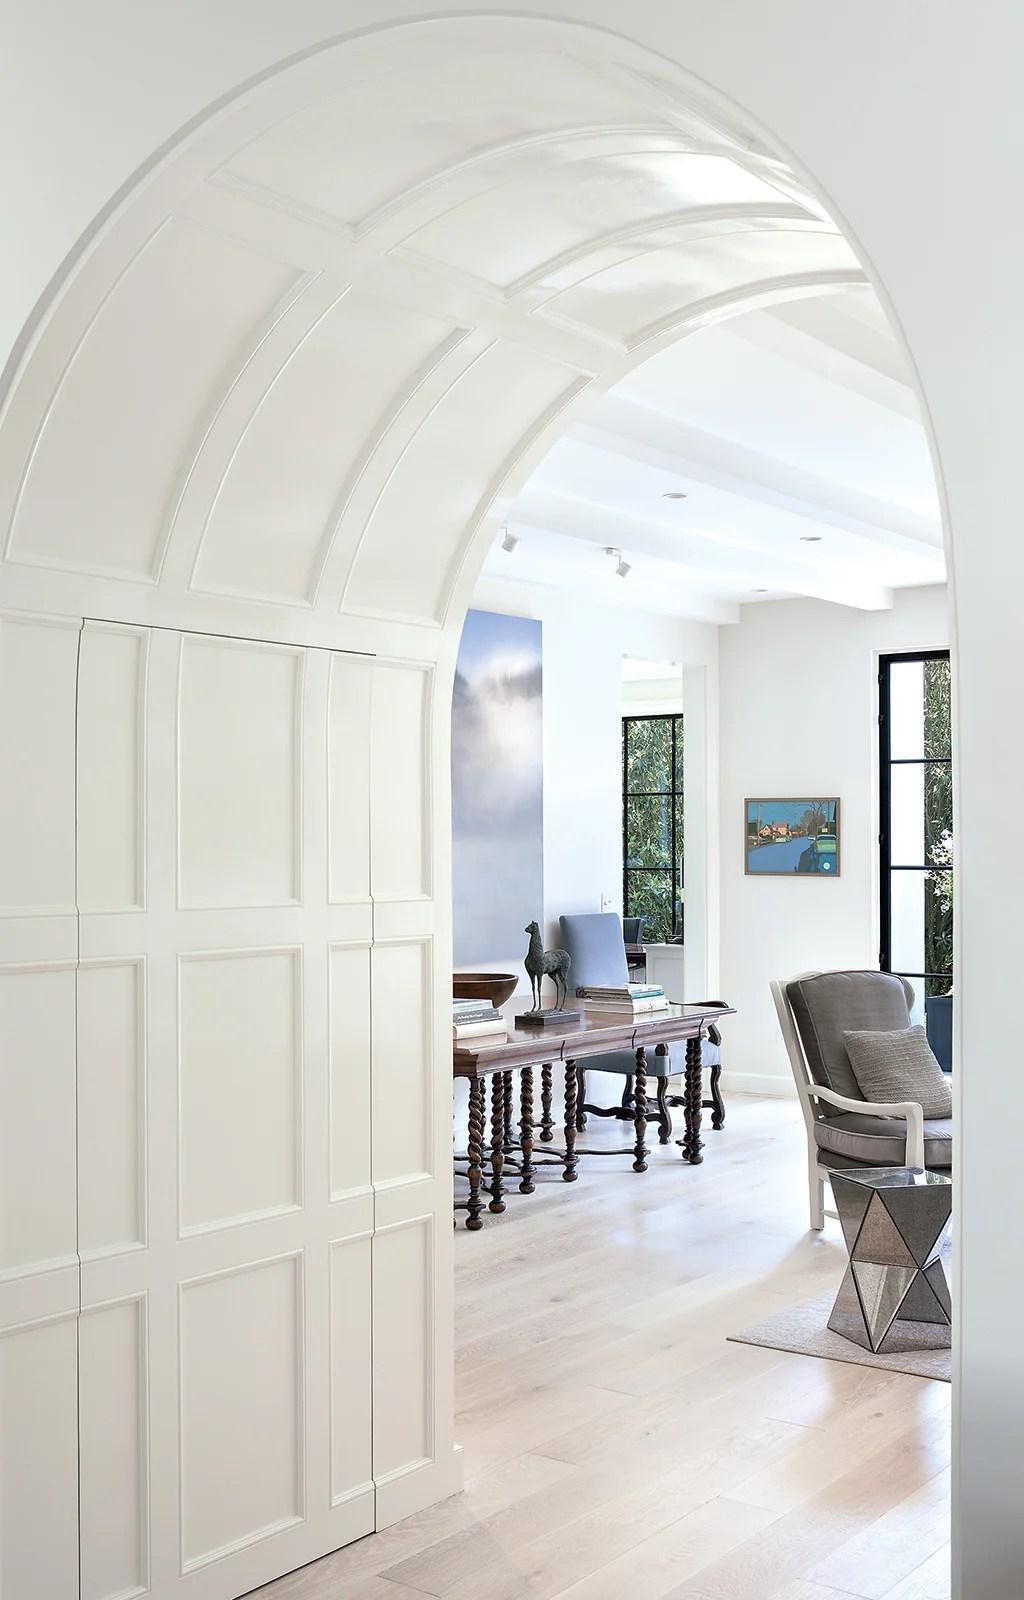 Aia Interior Design Contract Psoriasisguru Com